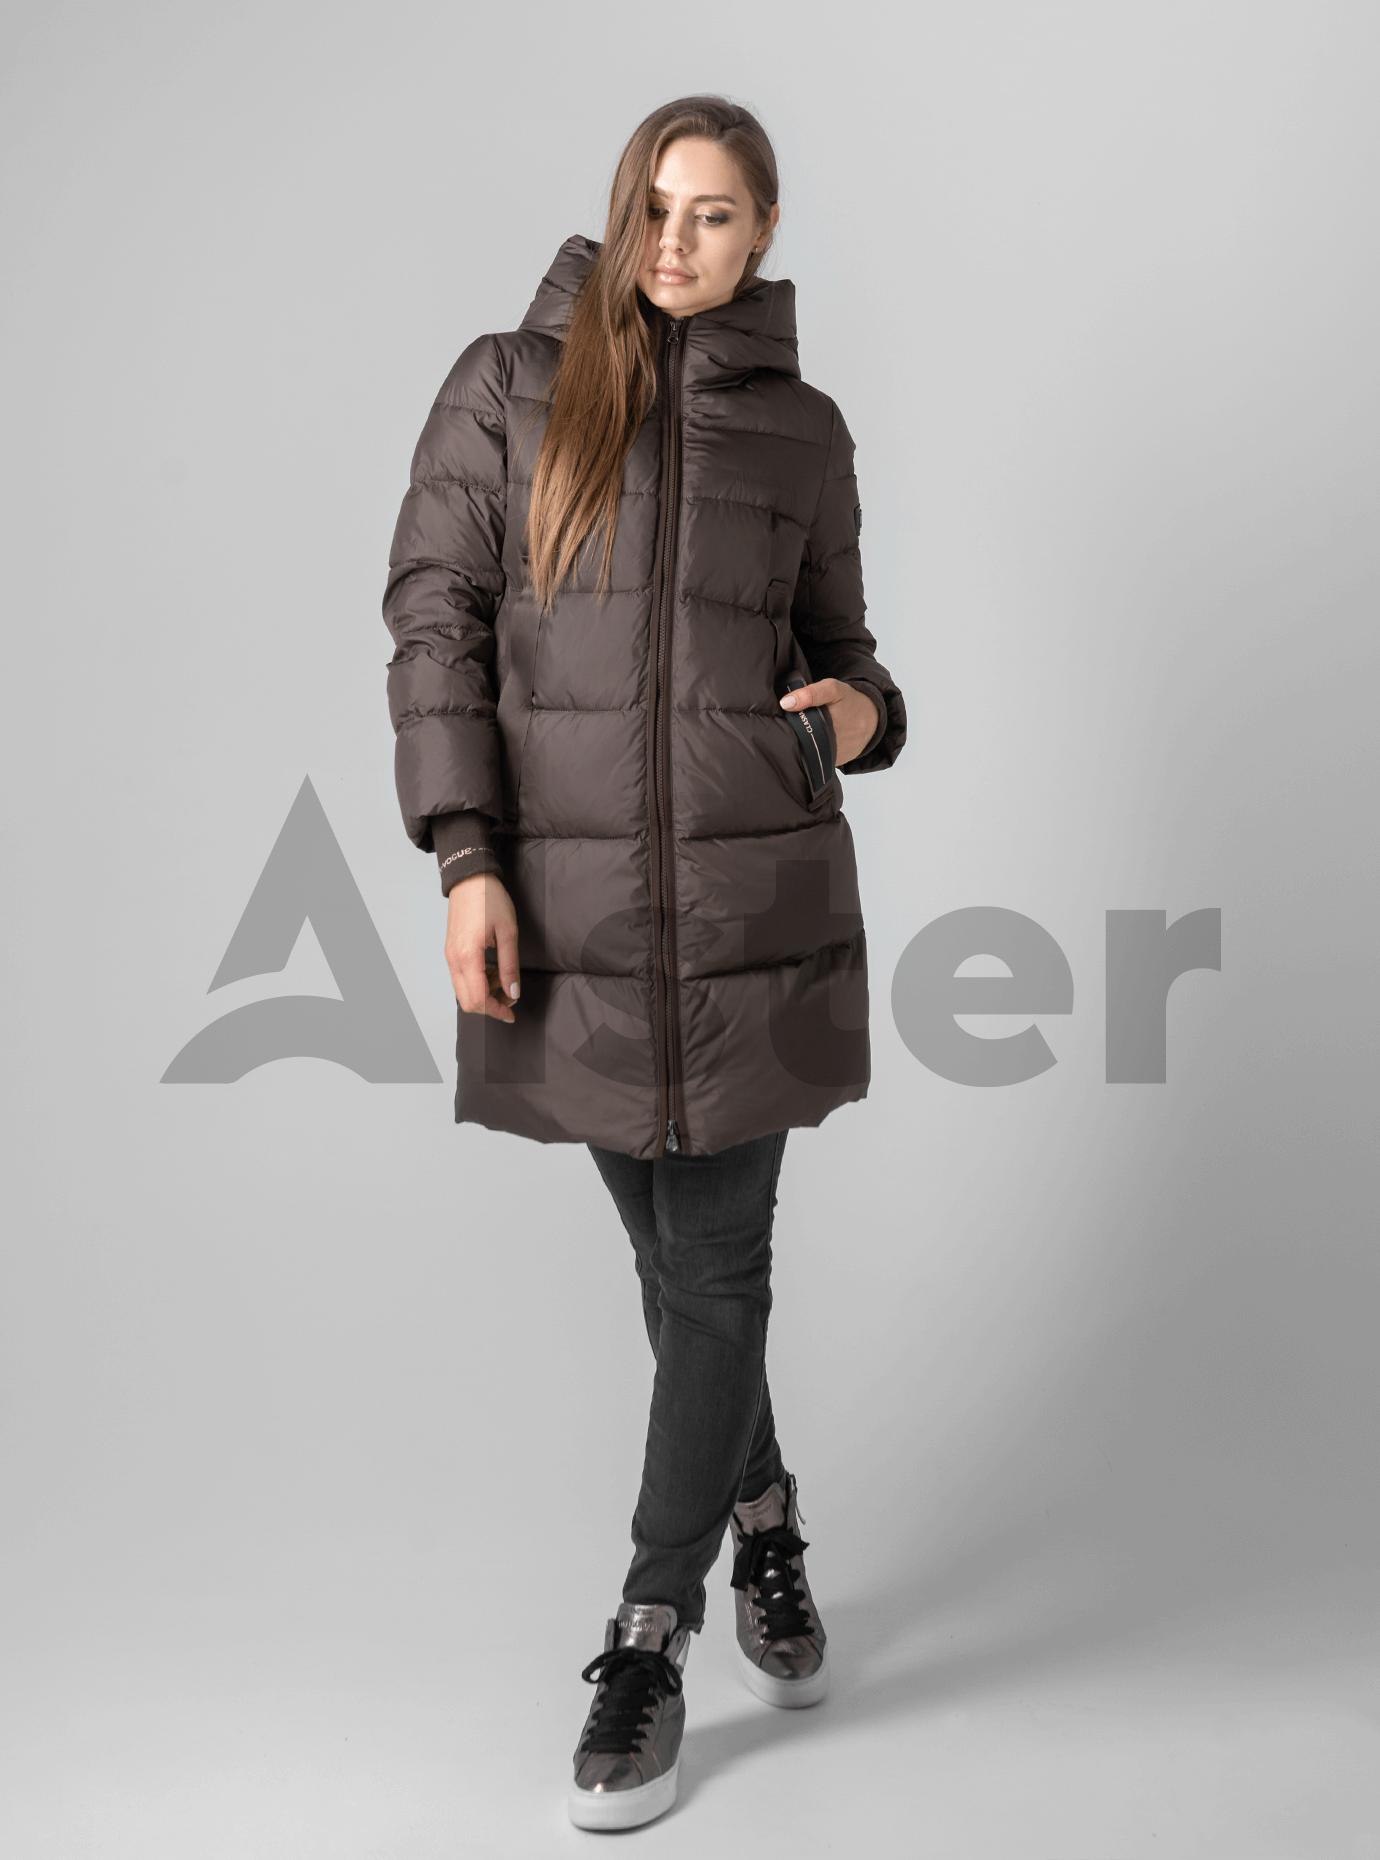 Куртка зимняя однотонная Шоколадный XL (02-190141): фото - Alster.ua